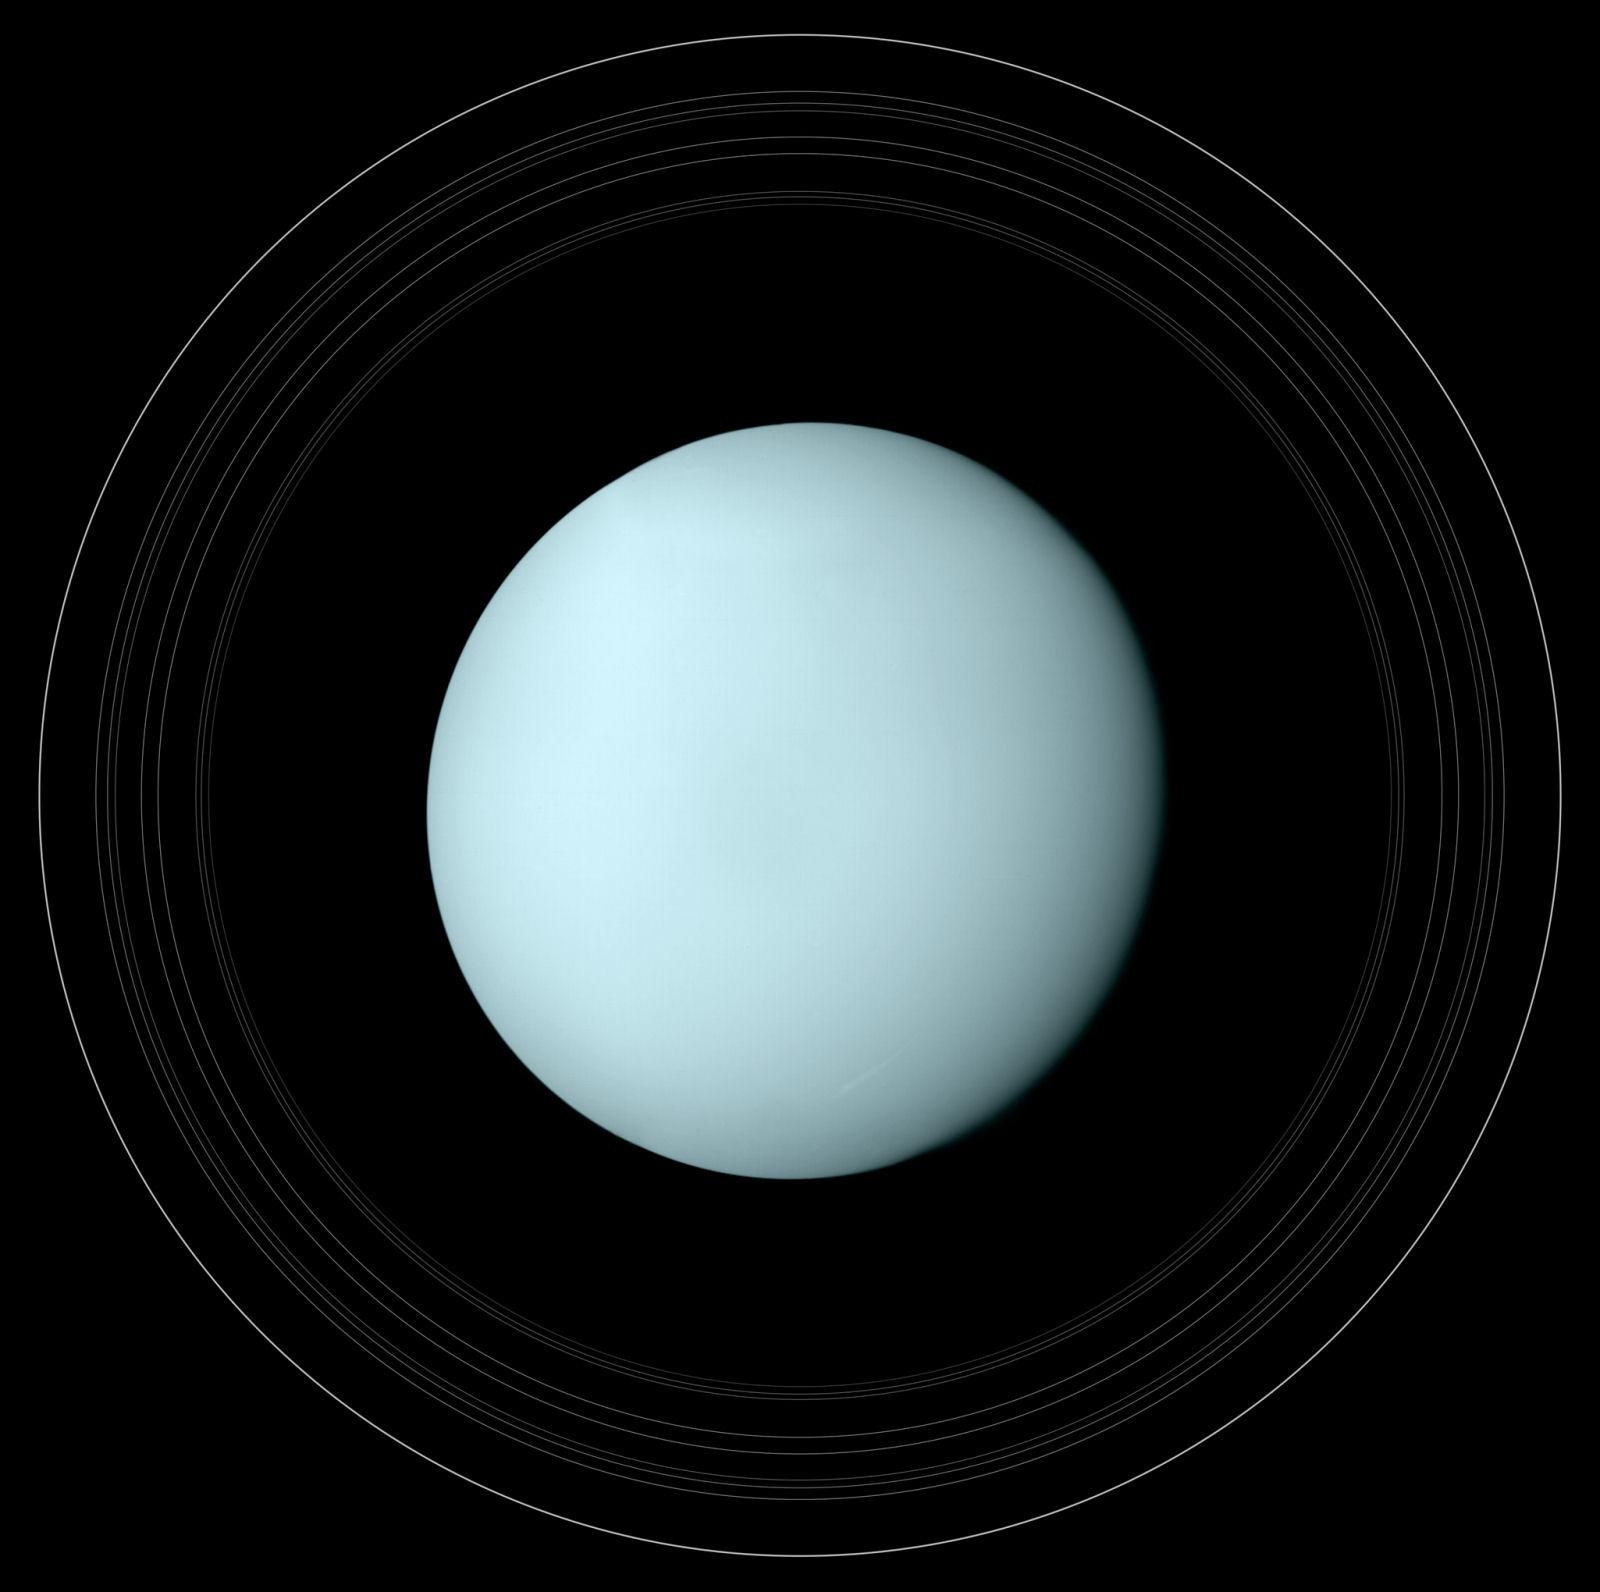 Drawn planets uranus planet Resolution Planets of Uranus High